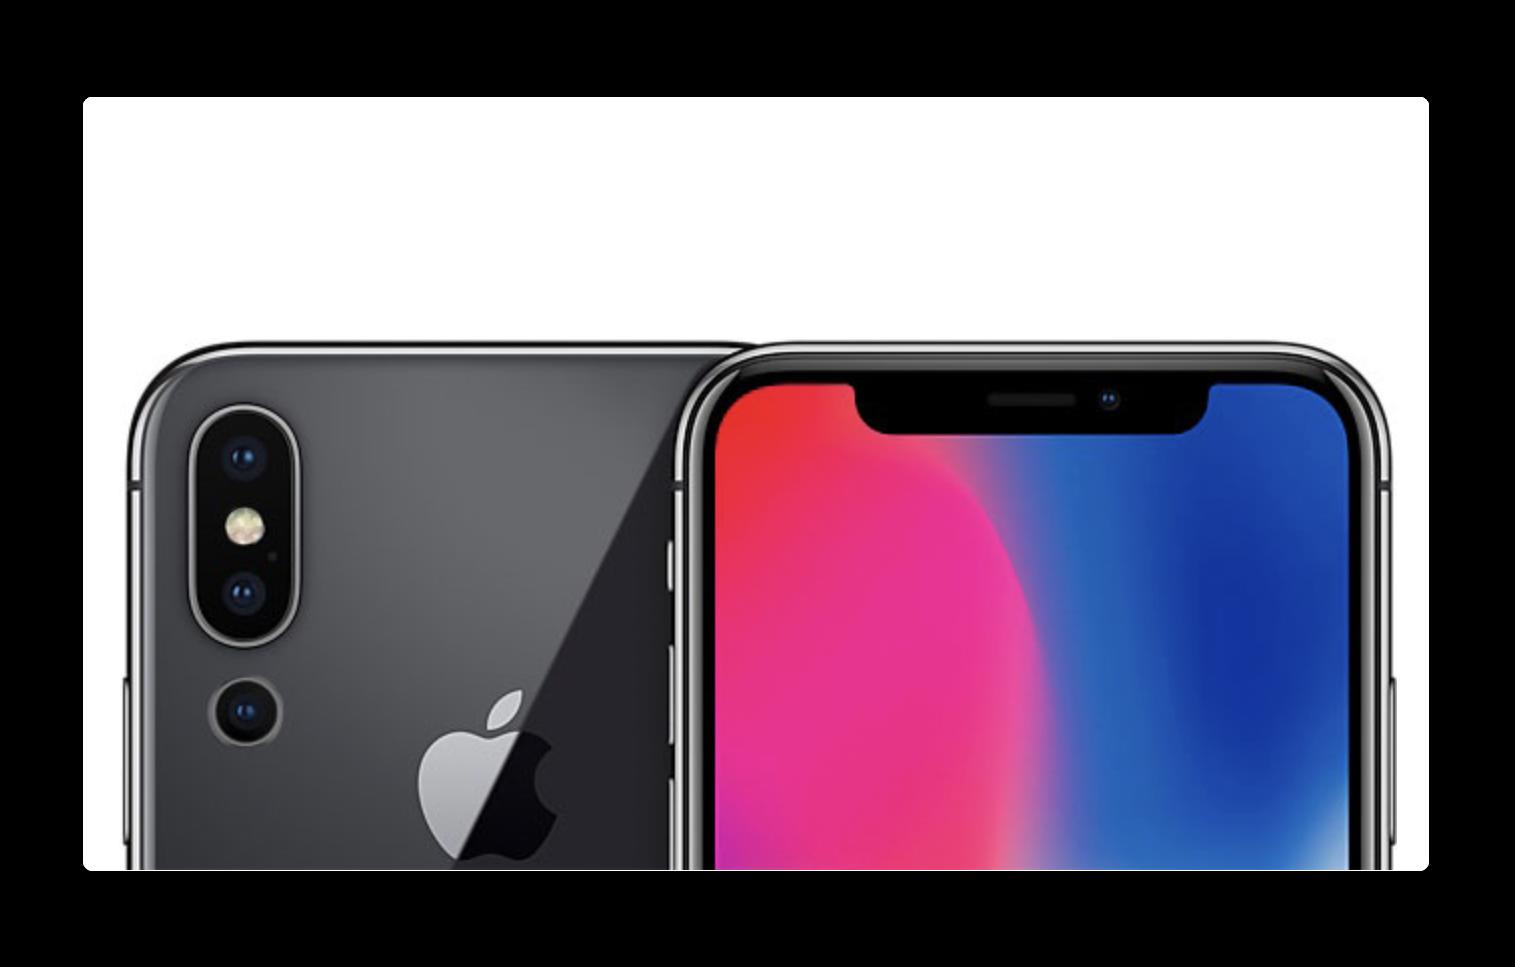 2019年に発表されるiPhoneは、トリプルレンズリアカメラ付きか